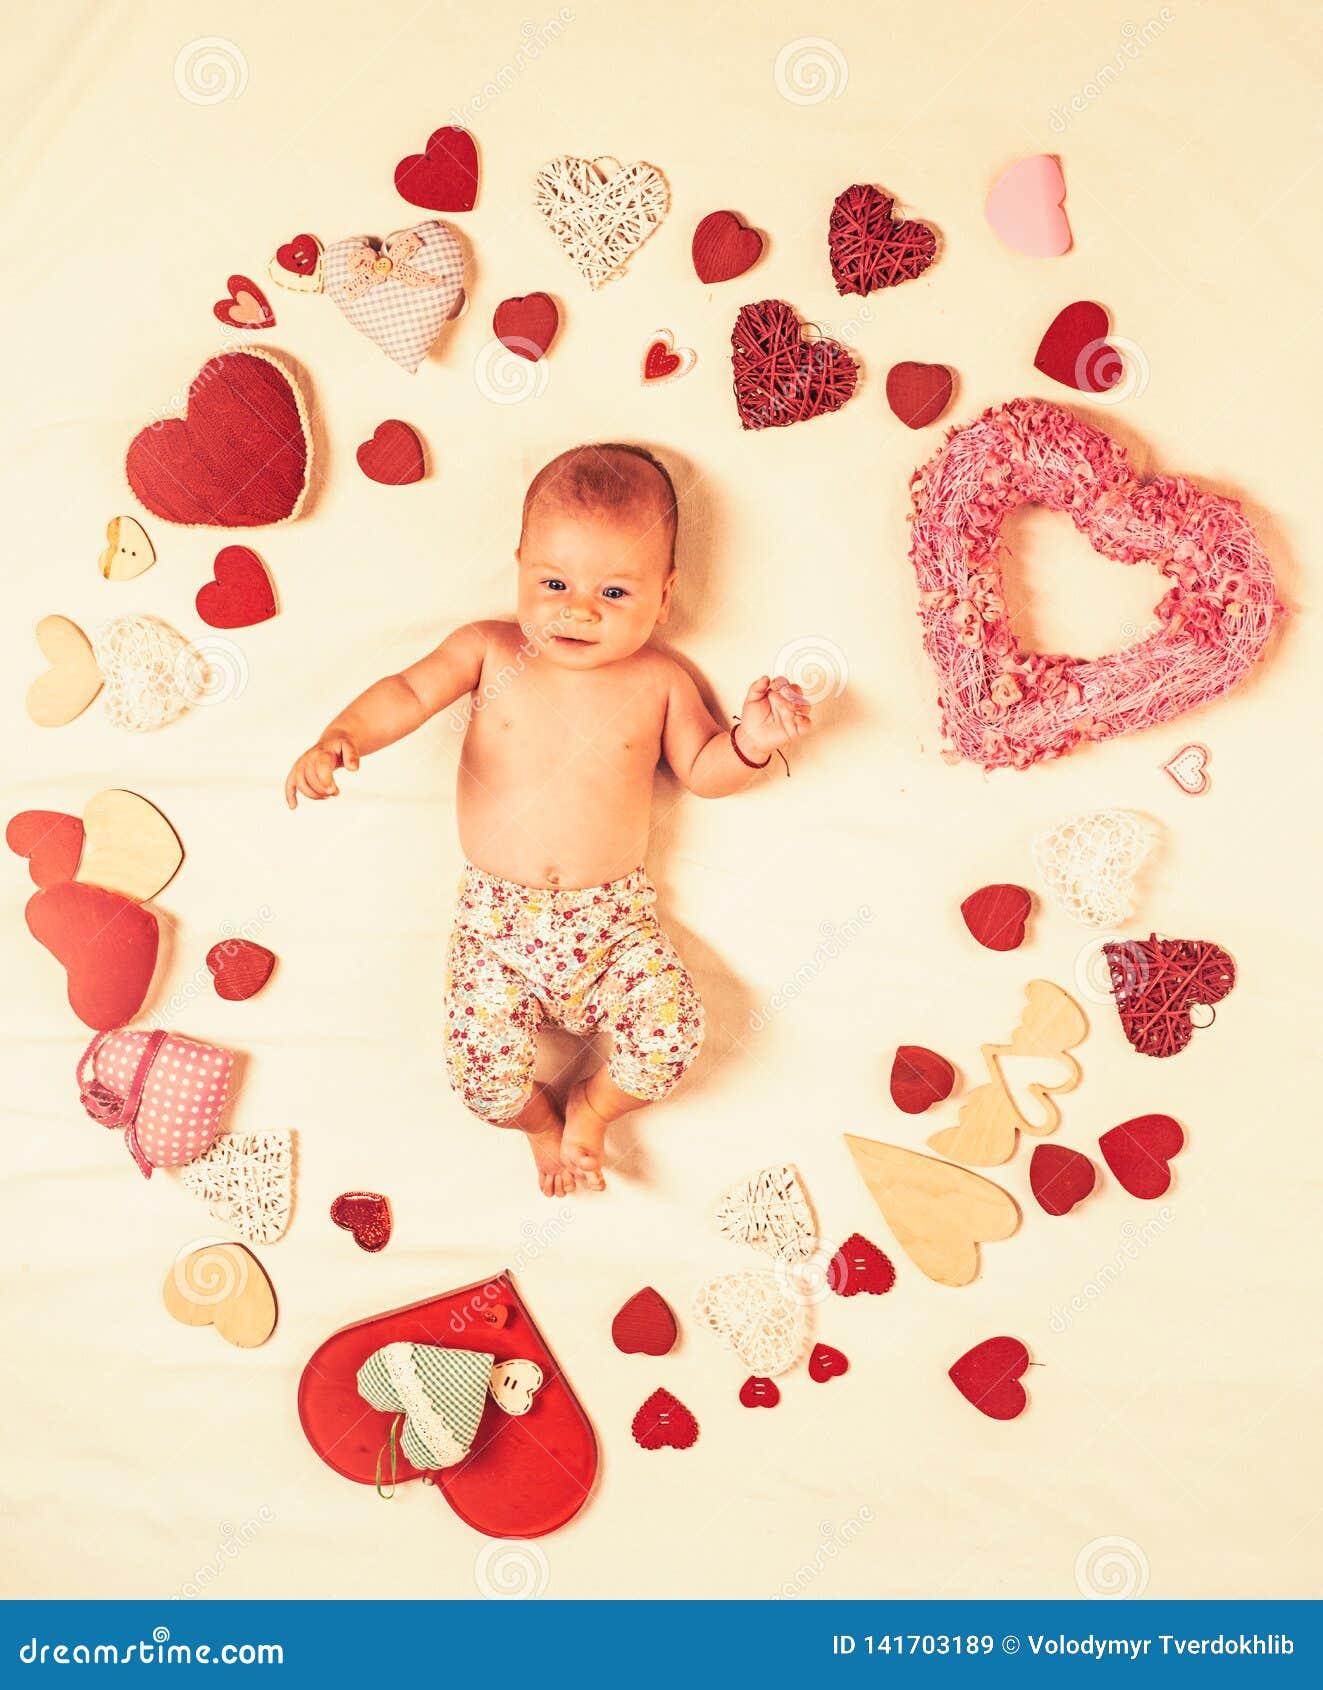 Mijn baby Familie Kinderverzorging Klein meisje onder rode harten Liefde Portret van gelukkig weinig kind Kinderjarengeluk